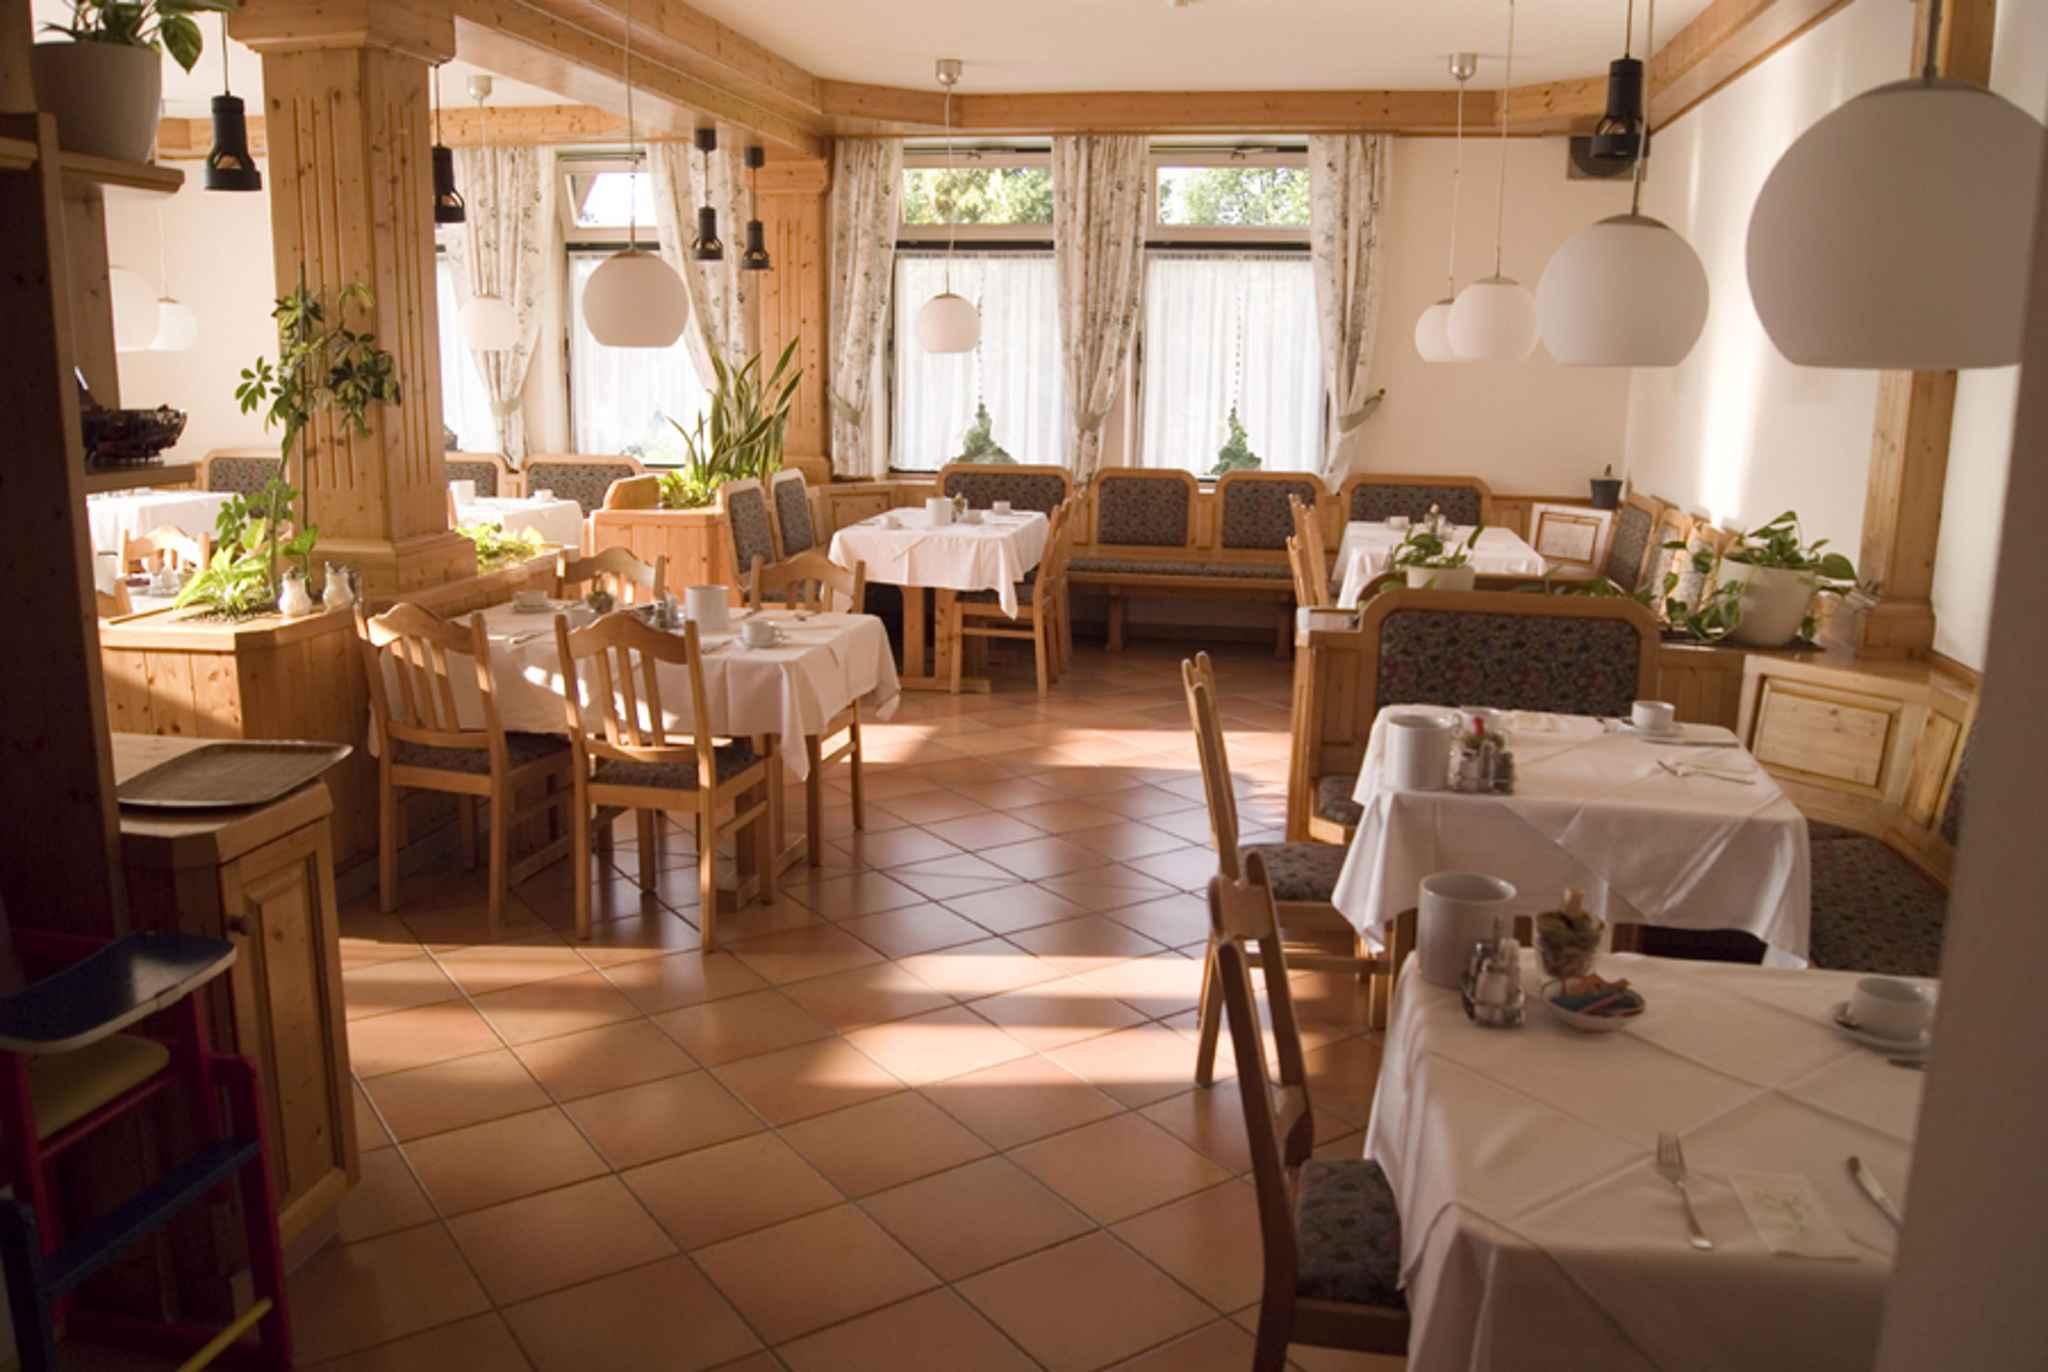 Ferienhaus im Thermal-Biodorf inkl. Wellness (430208), Bad Waltersdorf, Oststeiermark, Steiermark, Österreich, Bild 38